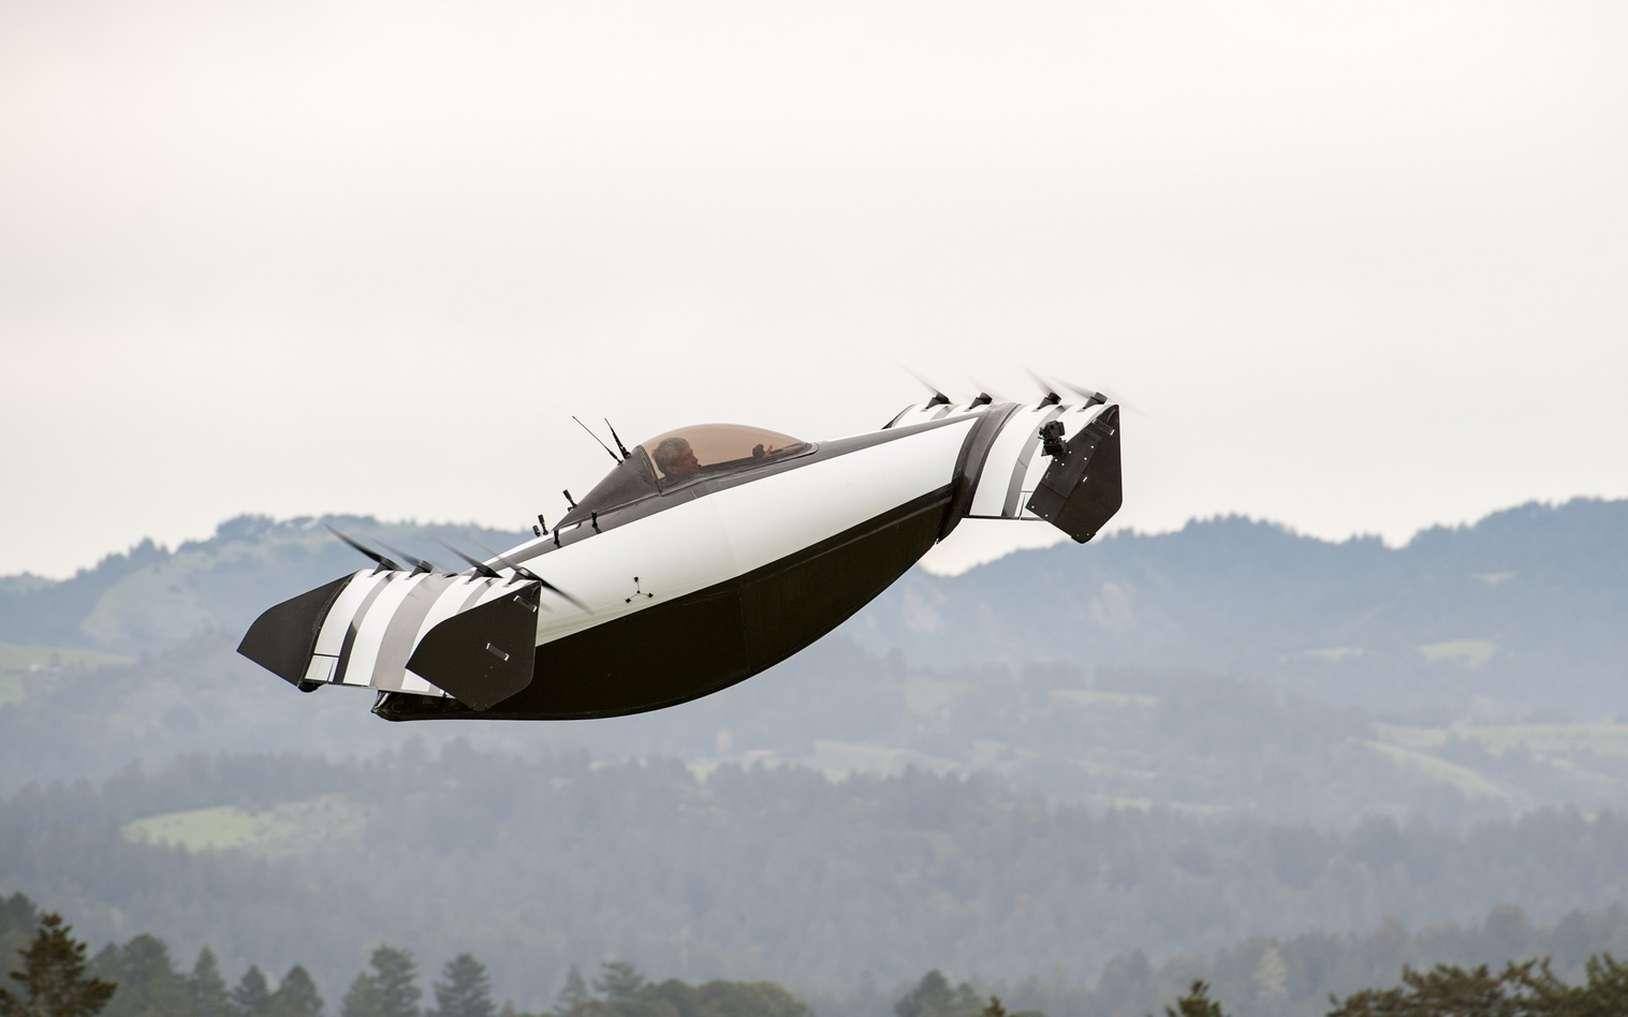 Drôle de Tech : une DeLorean autonome championne de drift, un thermomètre pour chien et BlackFly, une nouvelle « voiture volante » amphibie